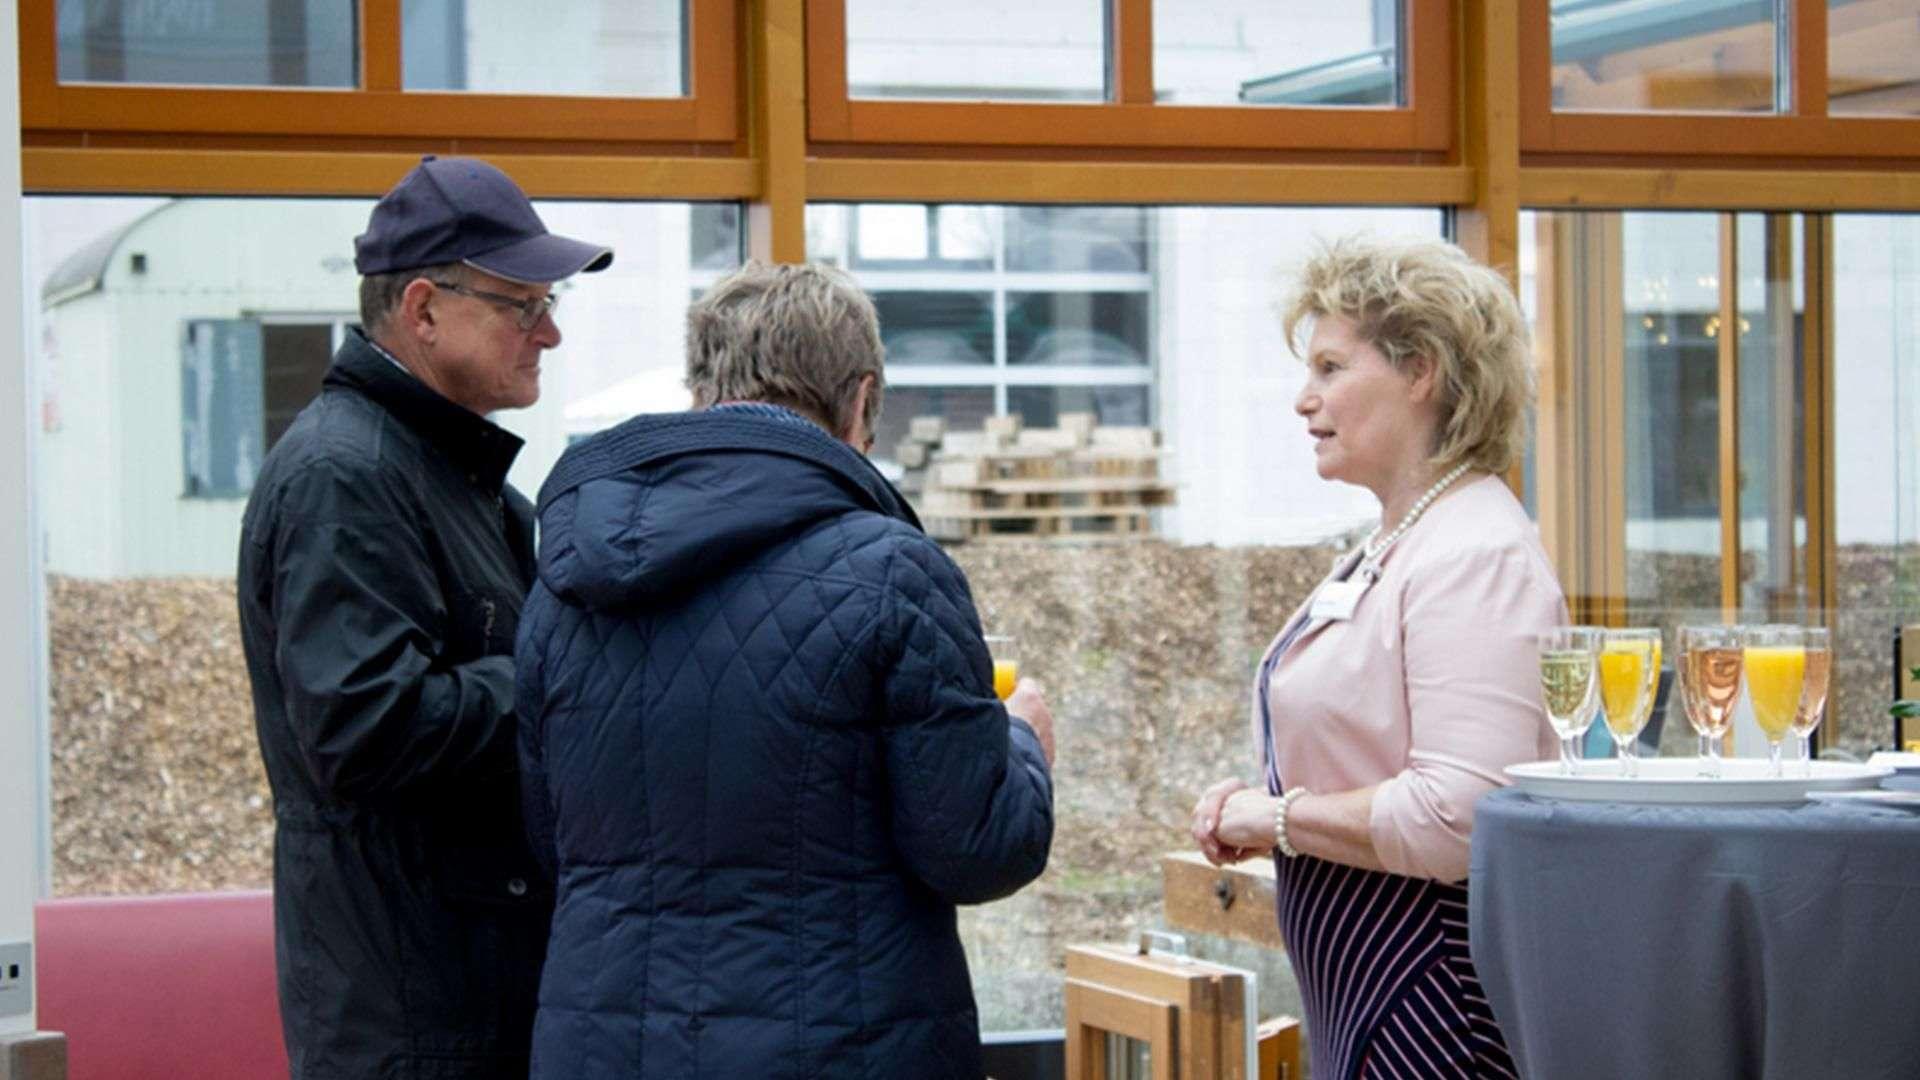 drei Personen trinken Sekt und unterhalten sich in der Ausstellung der Tischlerei Gleue in Lindwedel